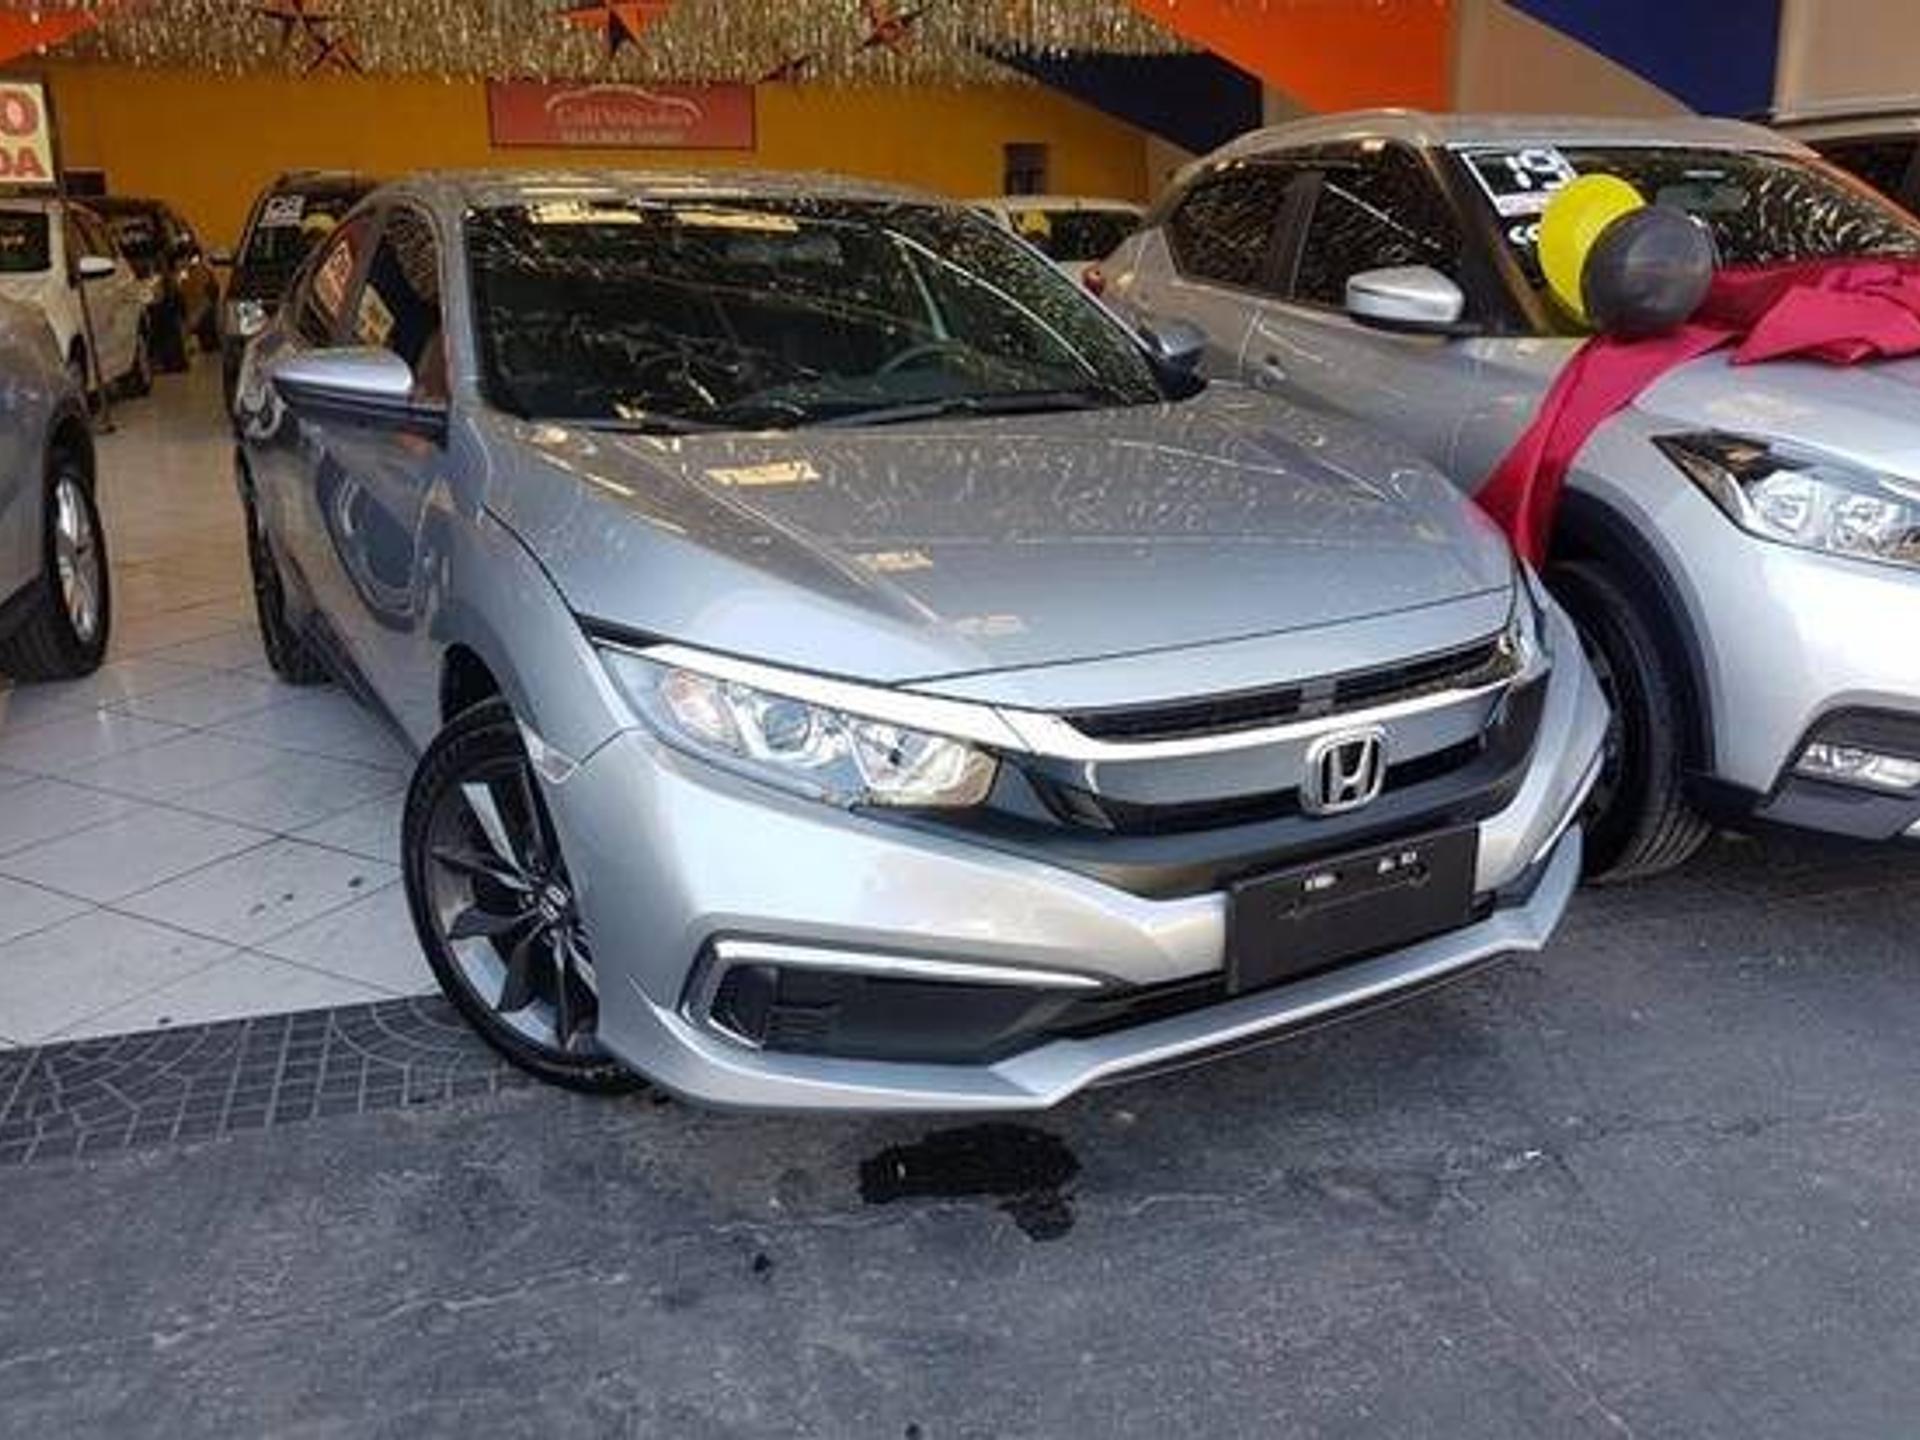 Honda Civic 2.0 16v Flexone Lx 4p Cvt Wmimagem14002162176